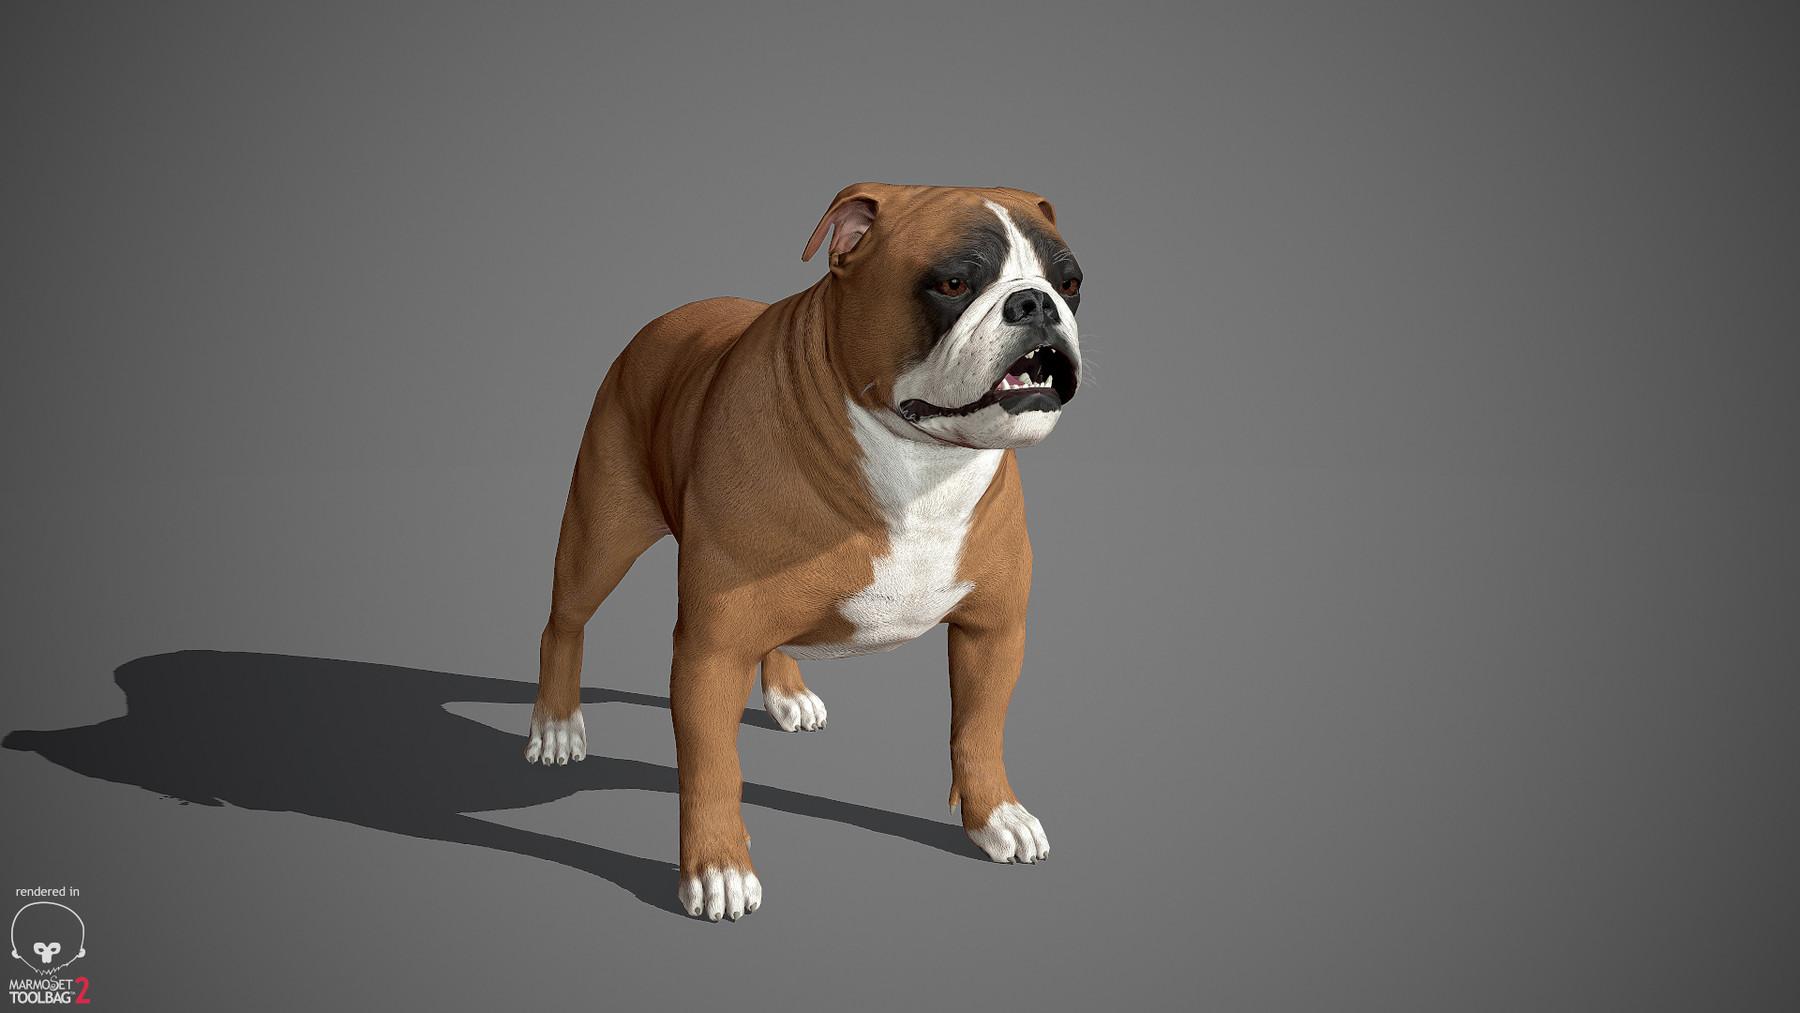 Englishbulldog by alexlashko marmoset 24